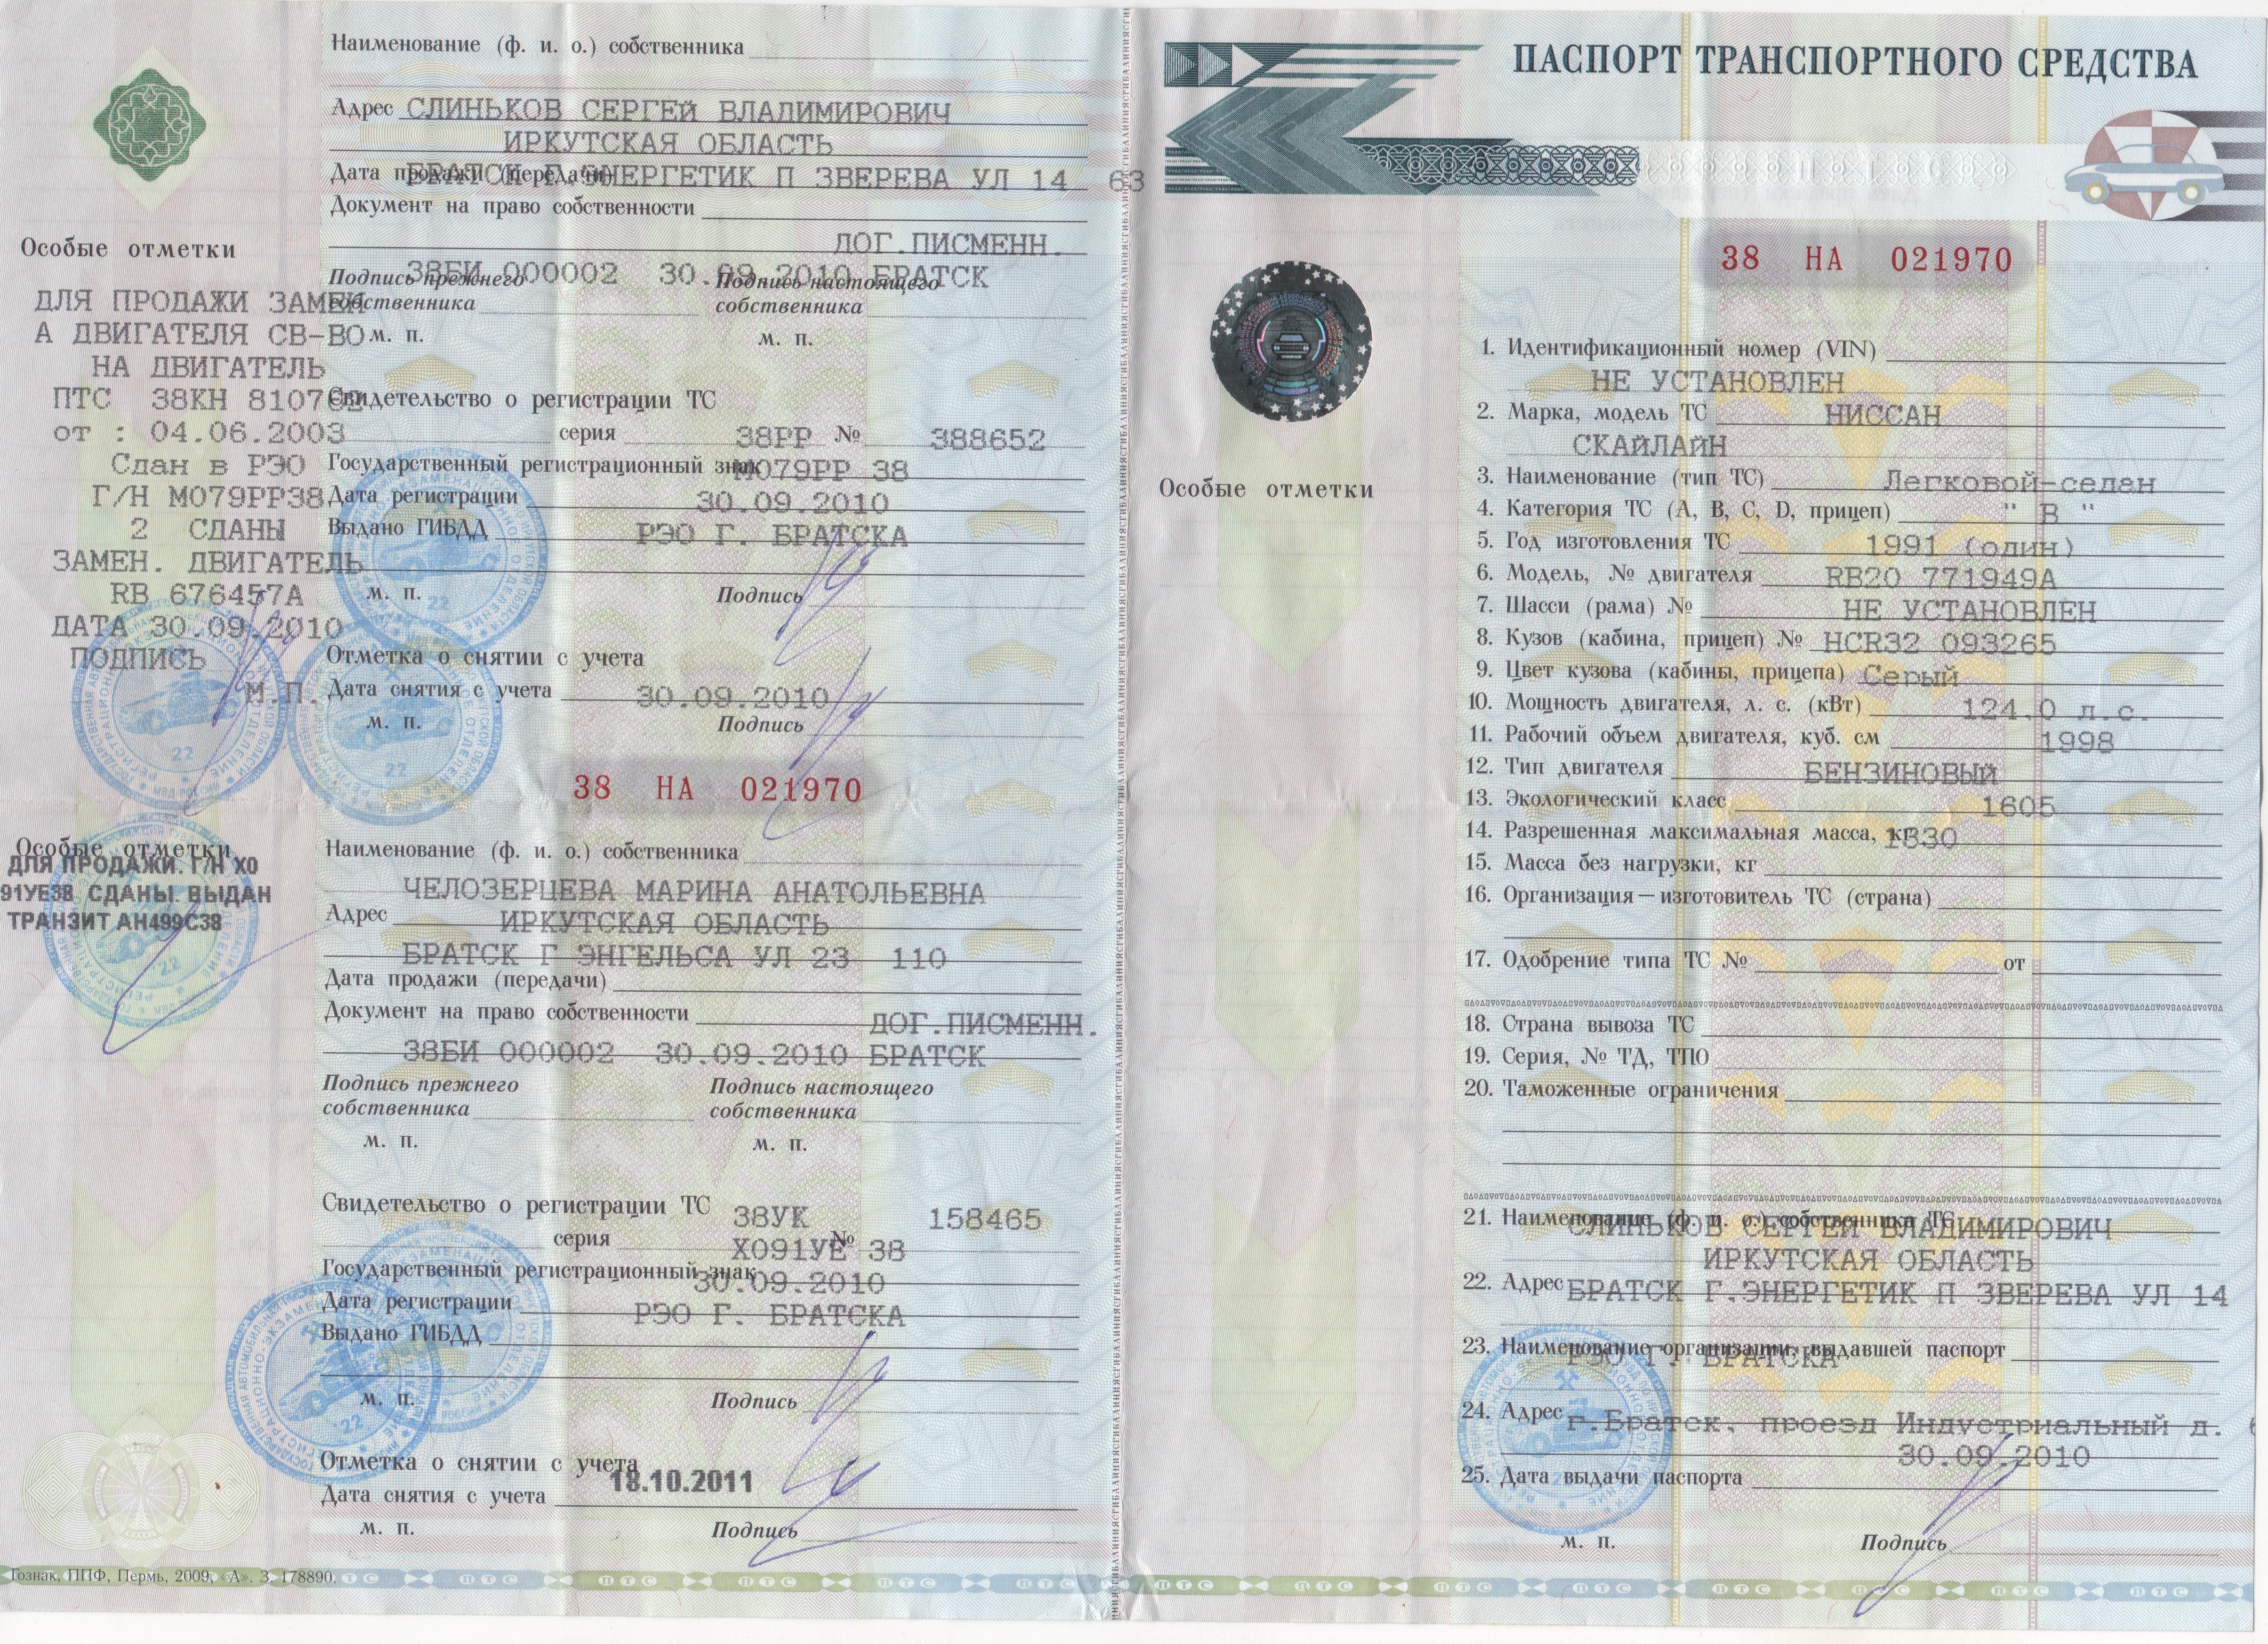 Электронный птс: как выглядит паспорт транспортного средства в россии